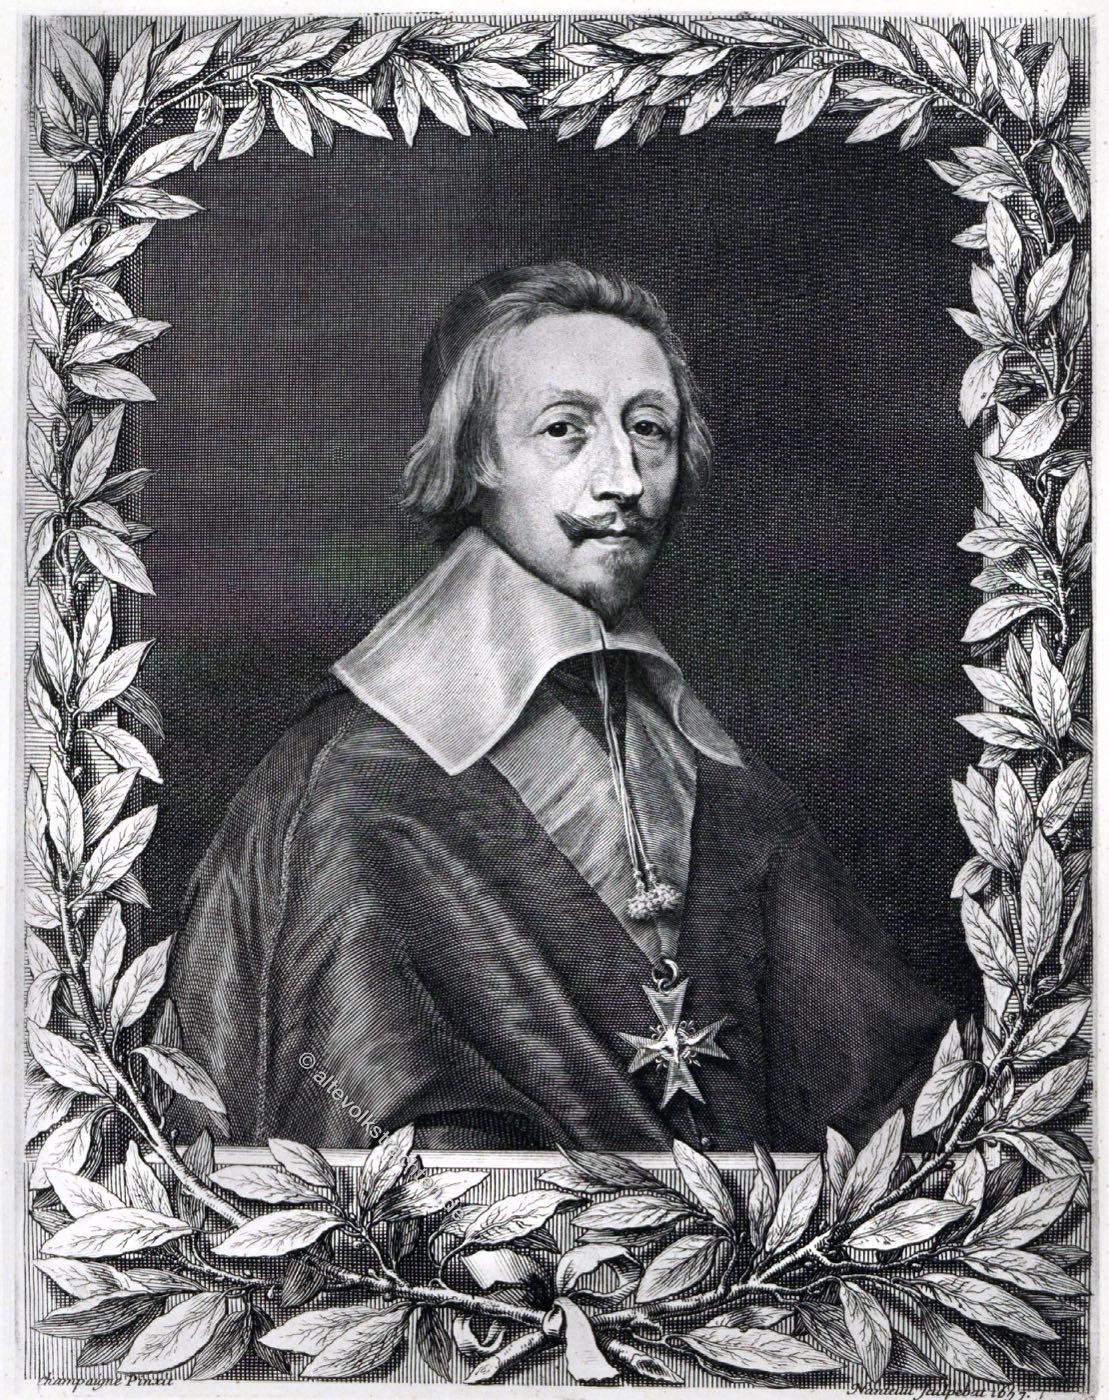 Kardinal, Richelieu, Frankreich, Barock